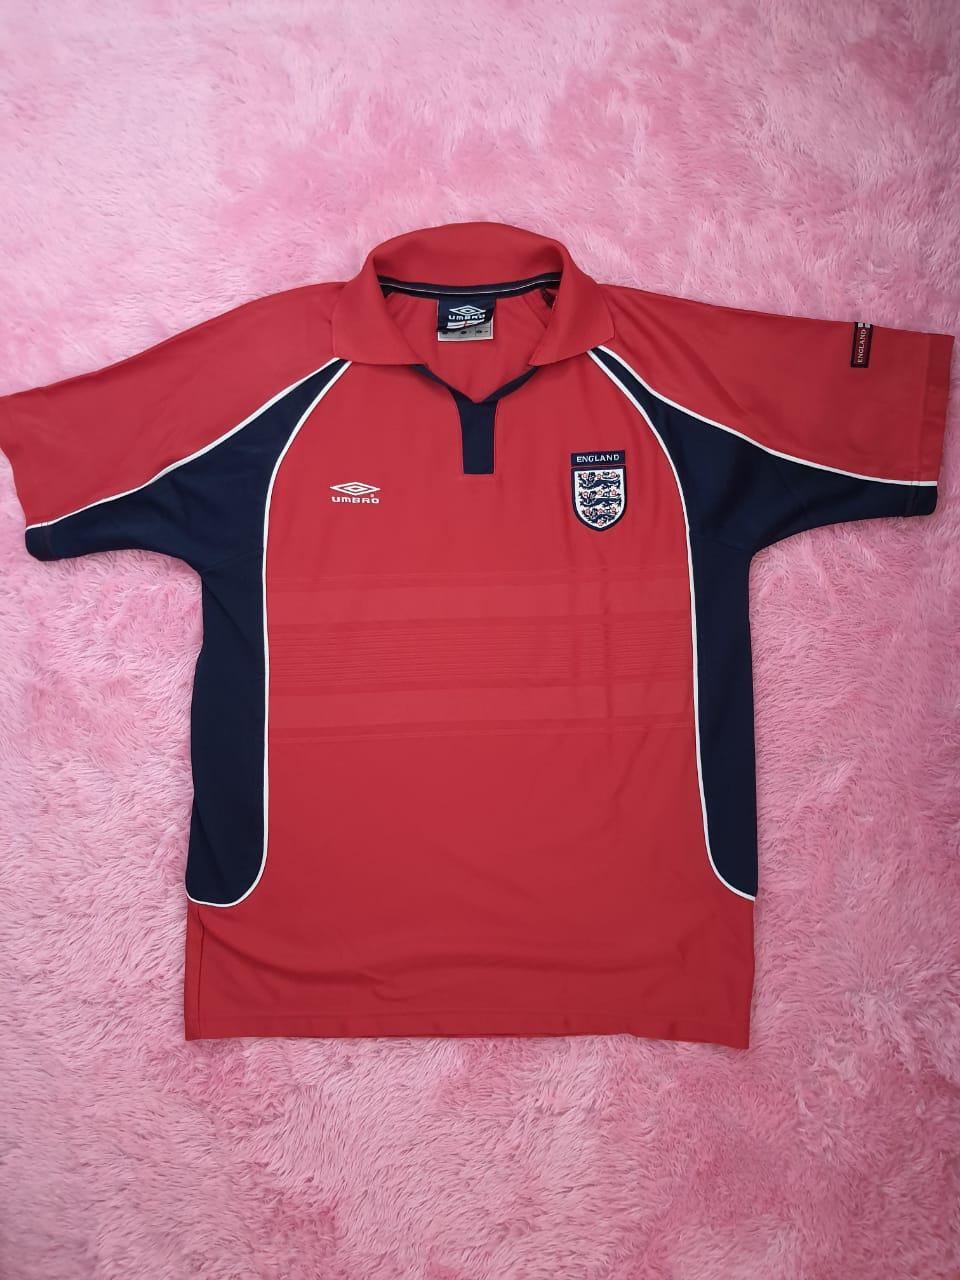 Jersey Umbro England Home (Original)